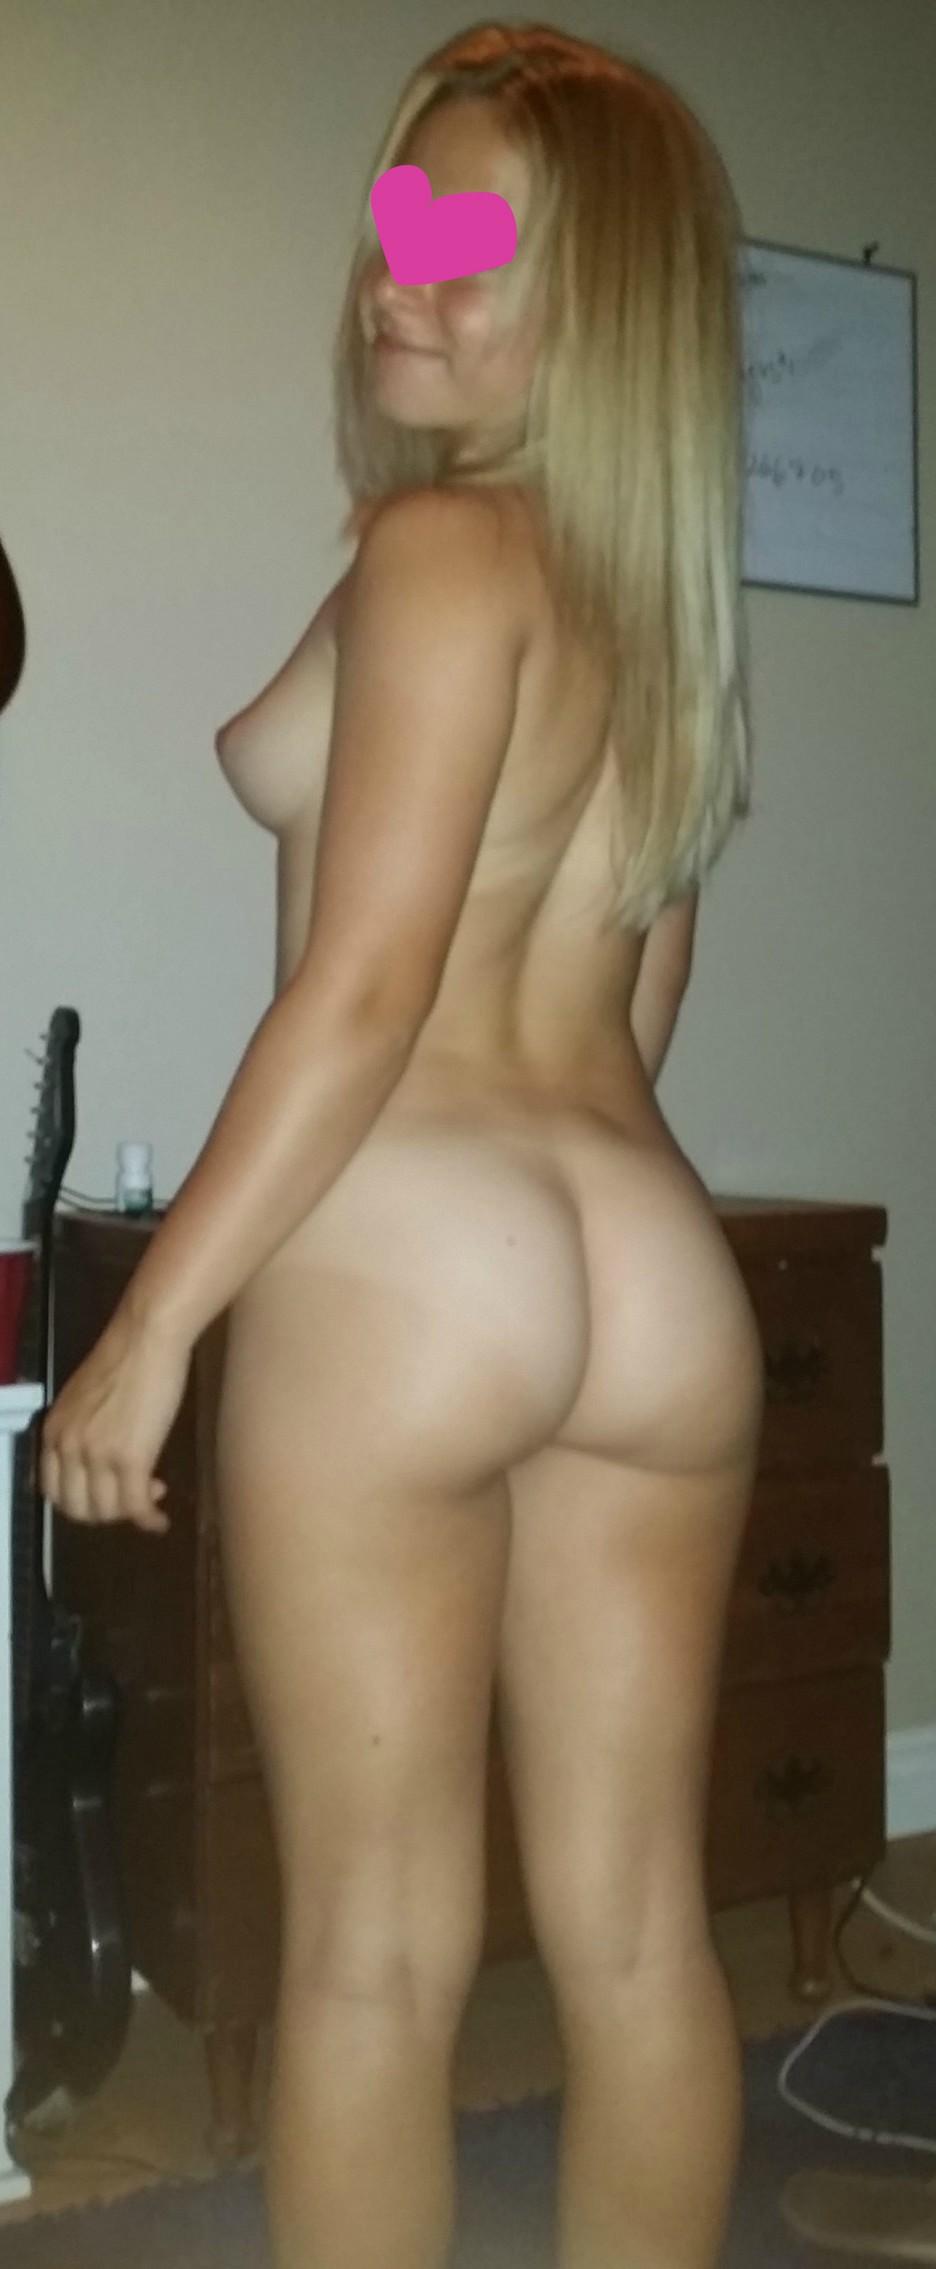 Blondie showing off